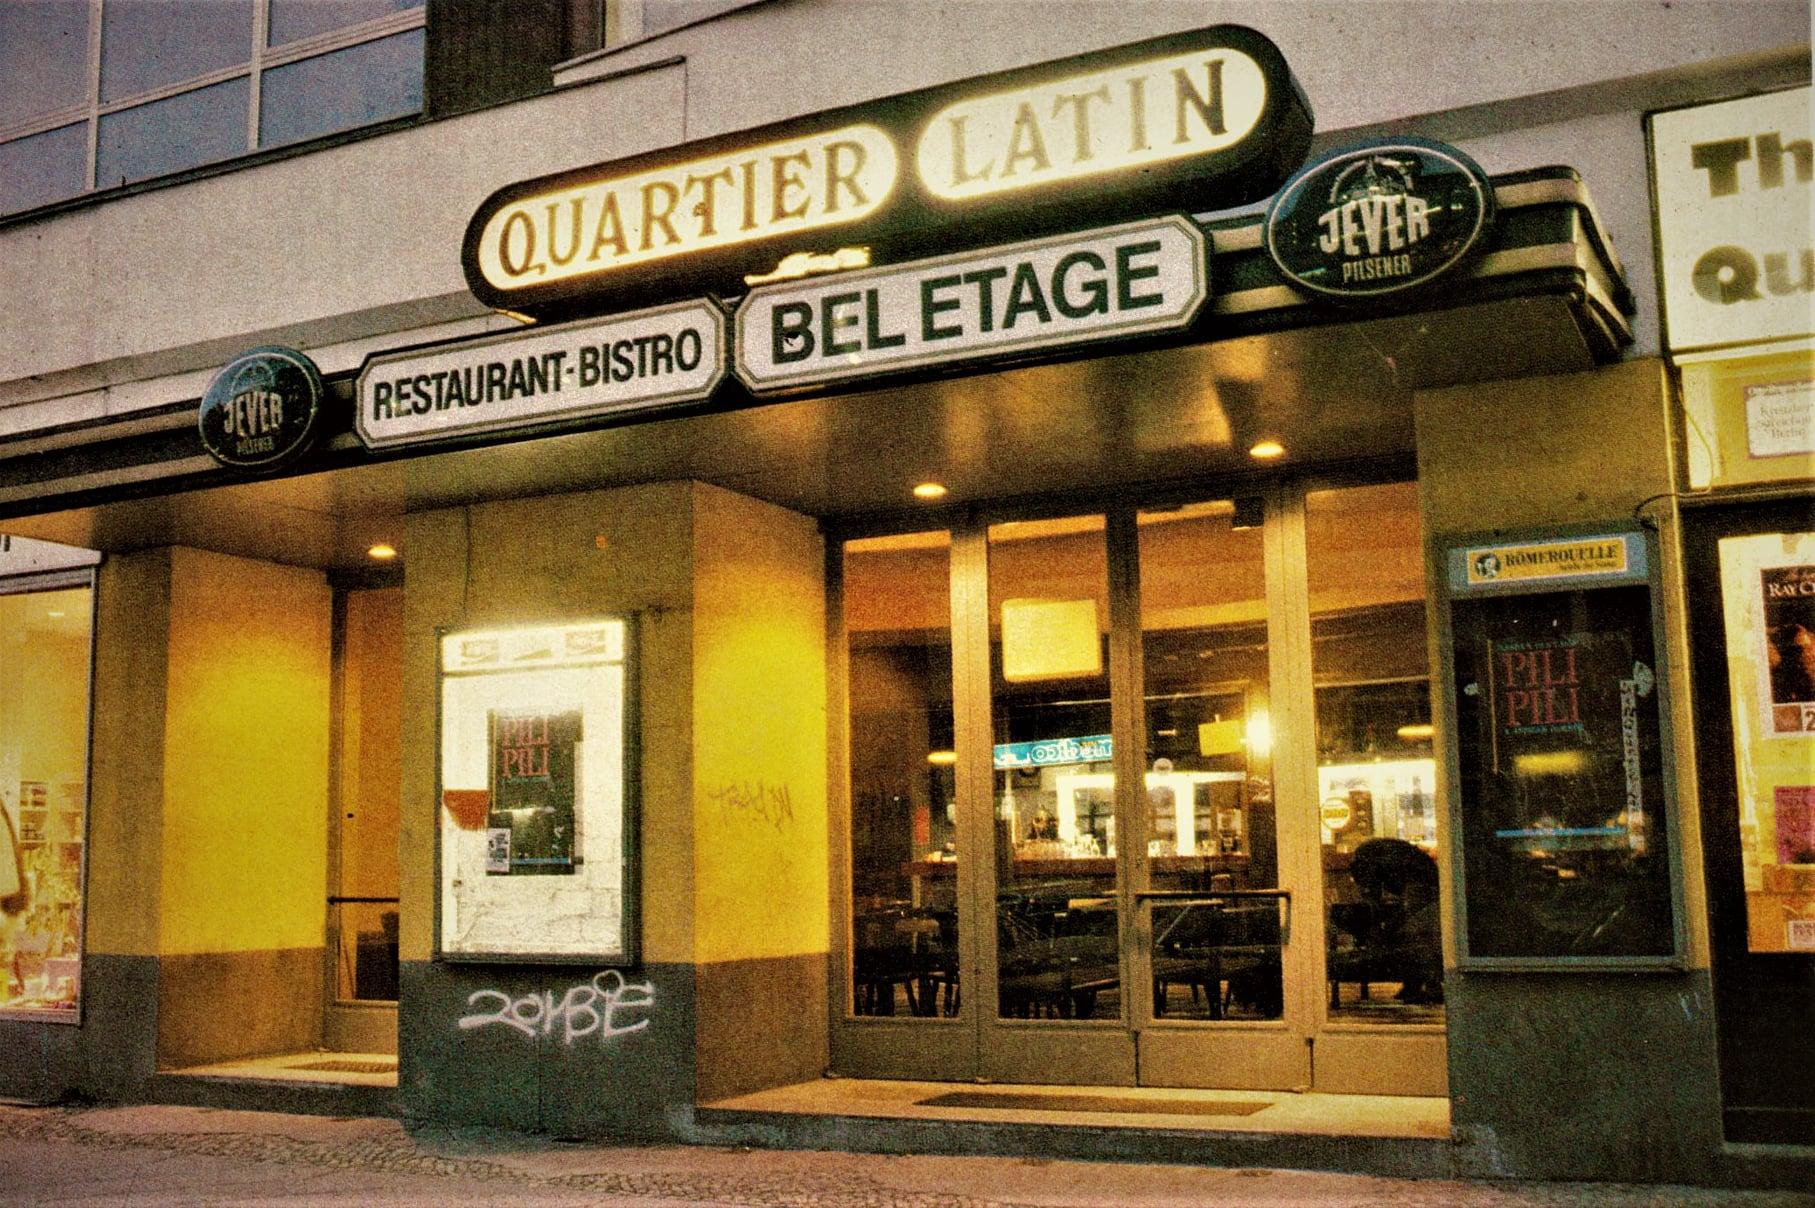 Das Quartier Latin war einer der wichtigsten Konzertorte in der Mauerstadt. Foto: Archiv Bernd Feuerhelm